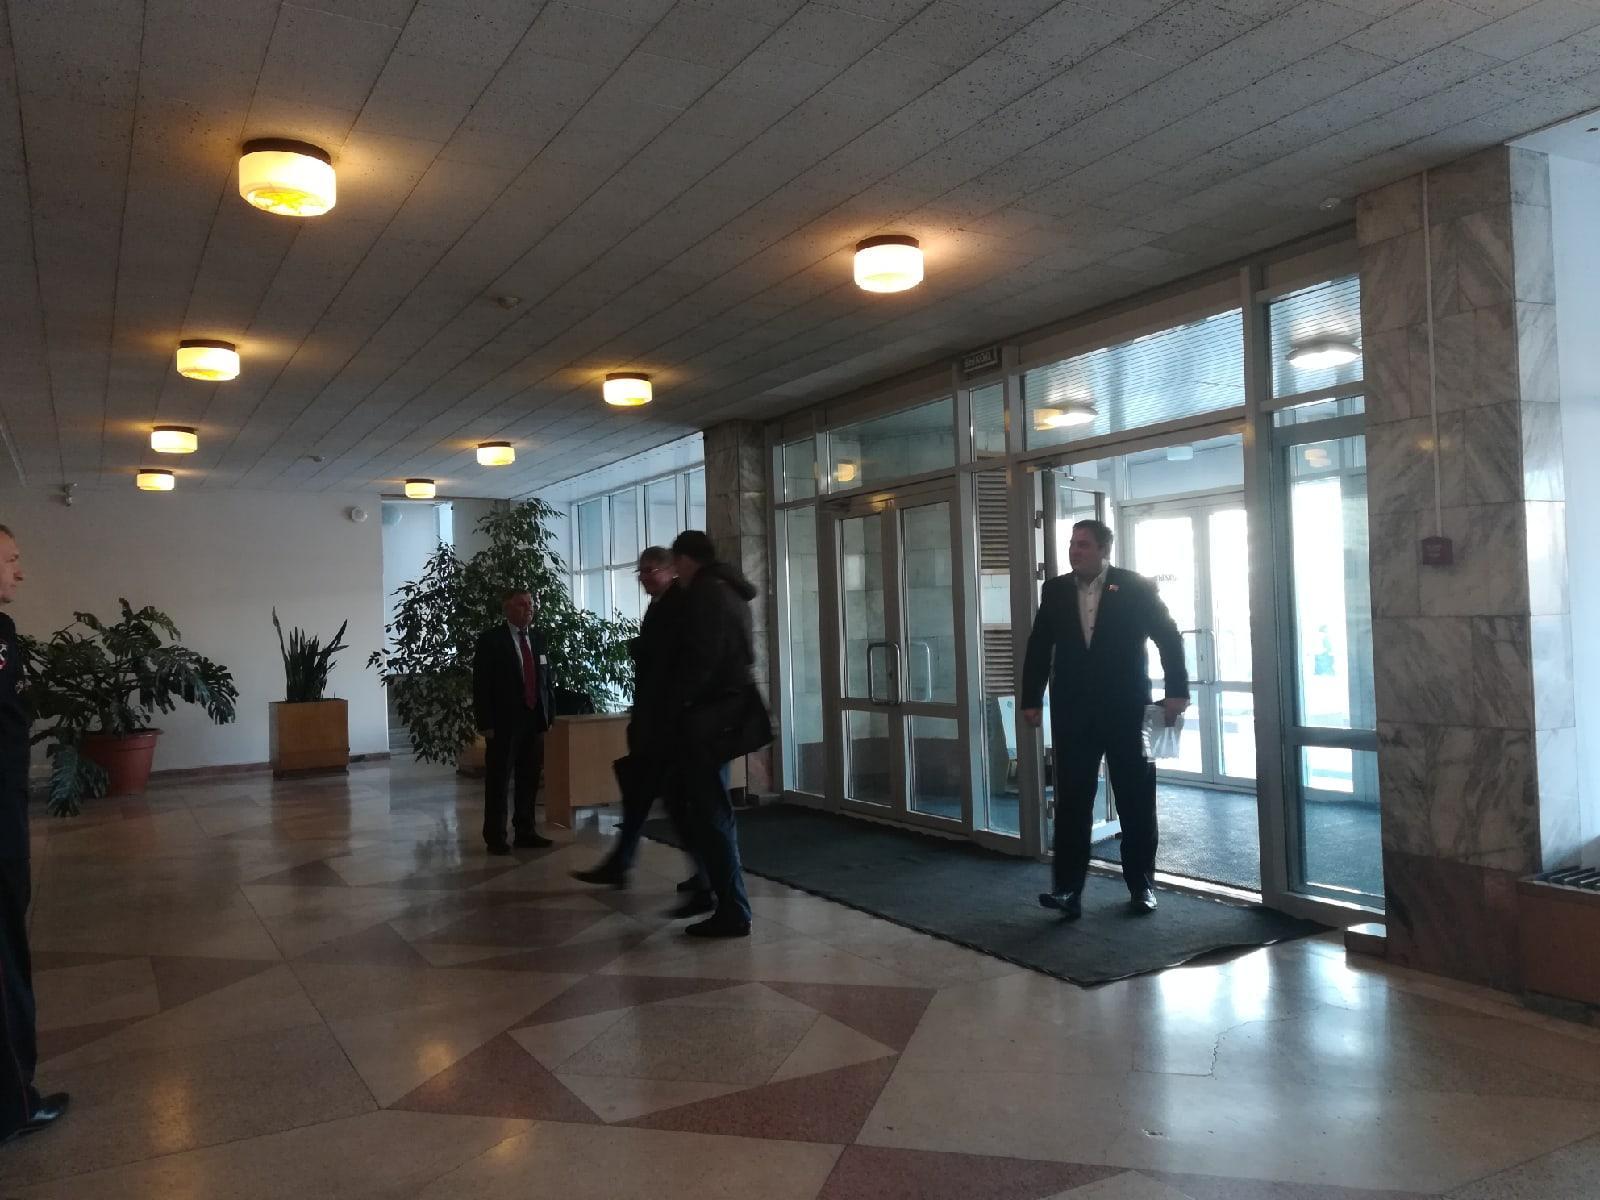 Фото Депутатам Заксобрания Новосибирской области не измеряют температуру на входе 2